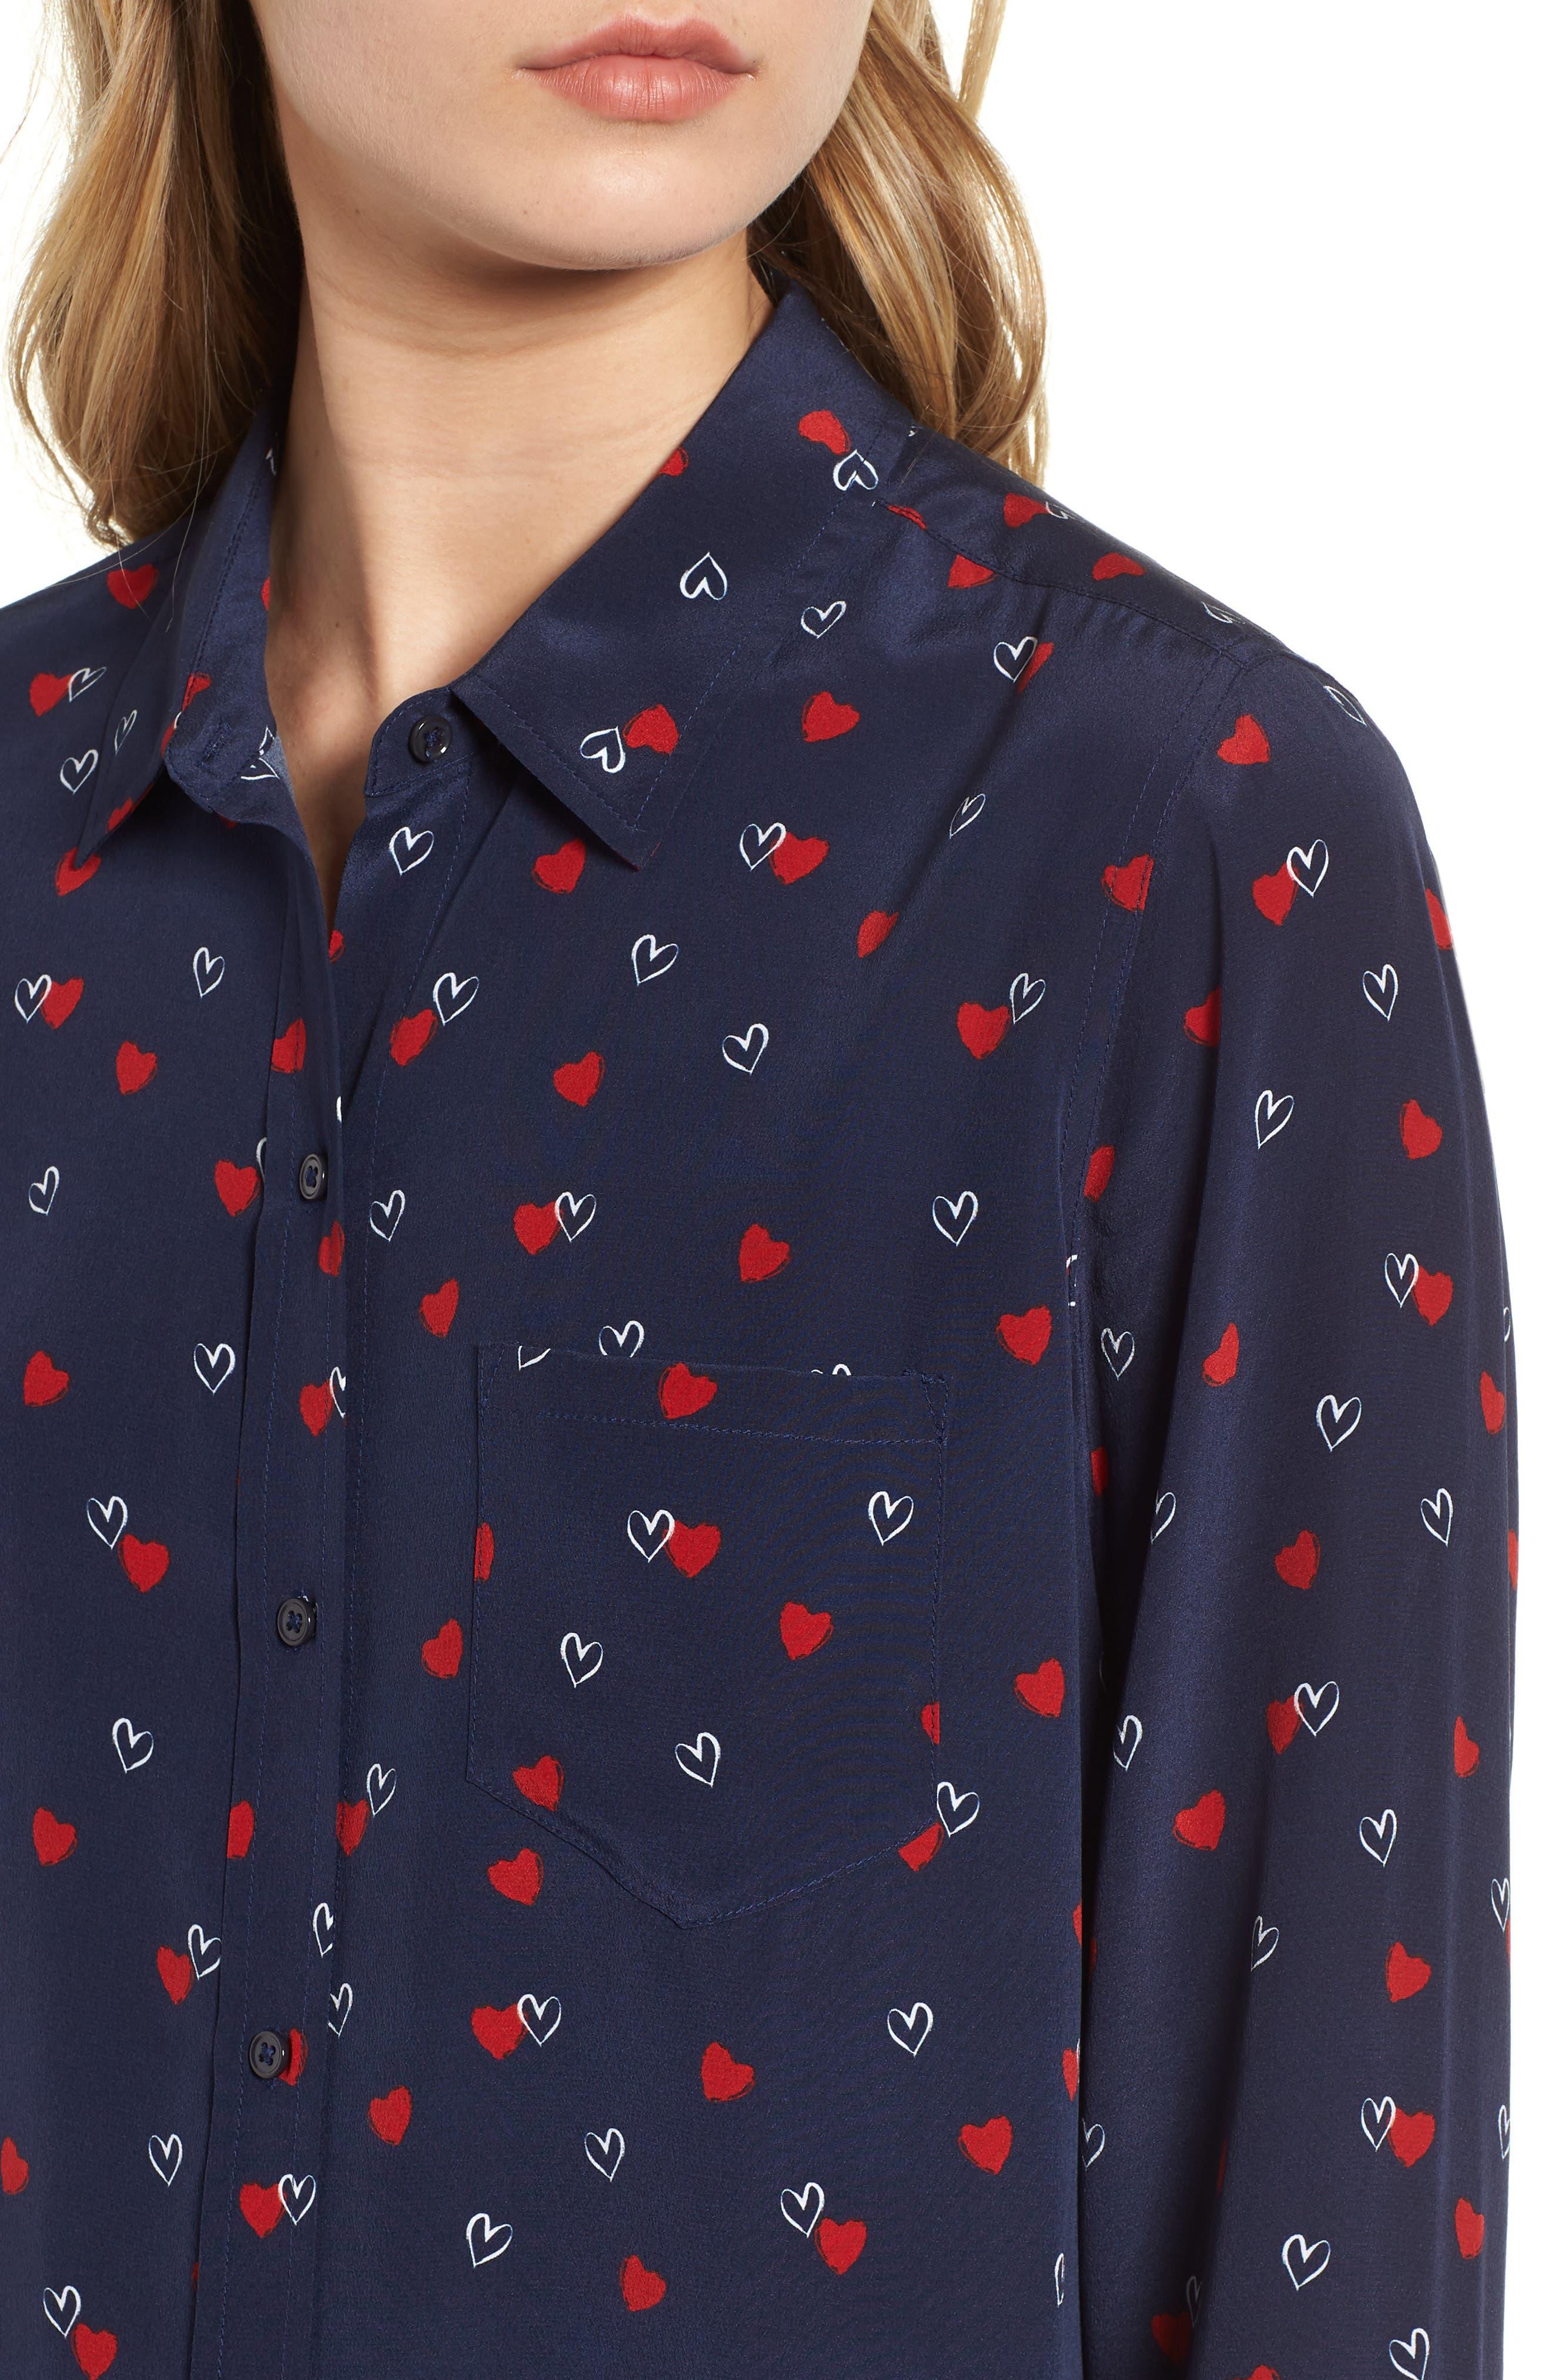 Kate Print Shirt,                             Alternate thumbnail 63, color,